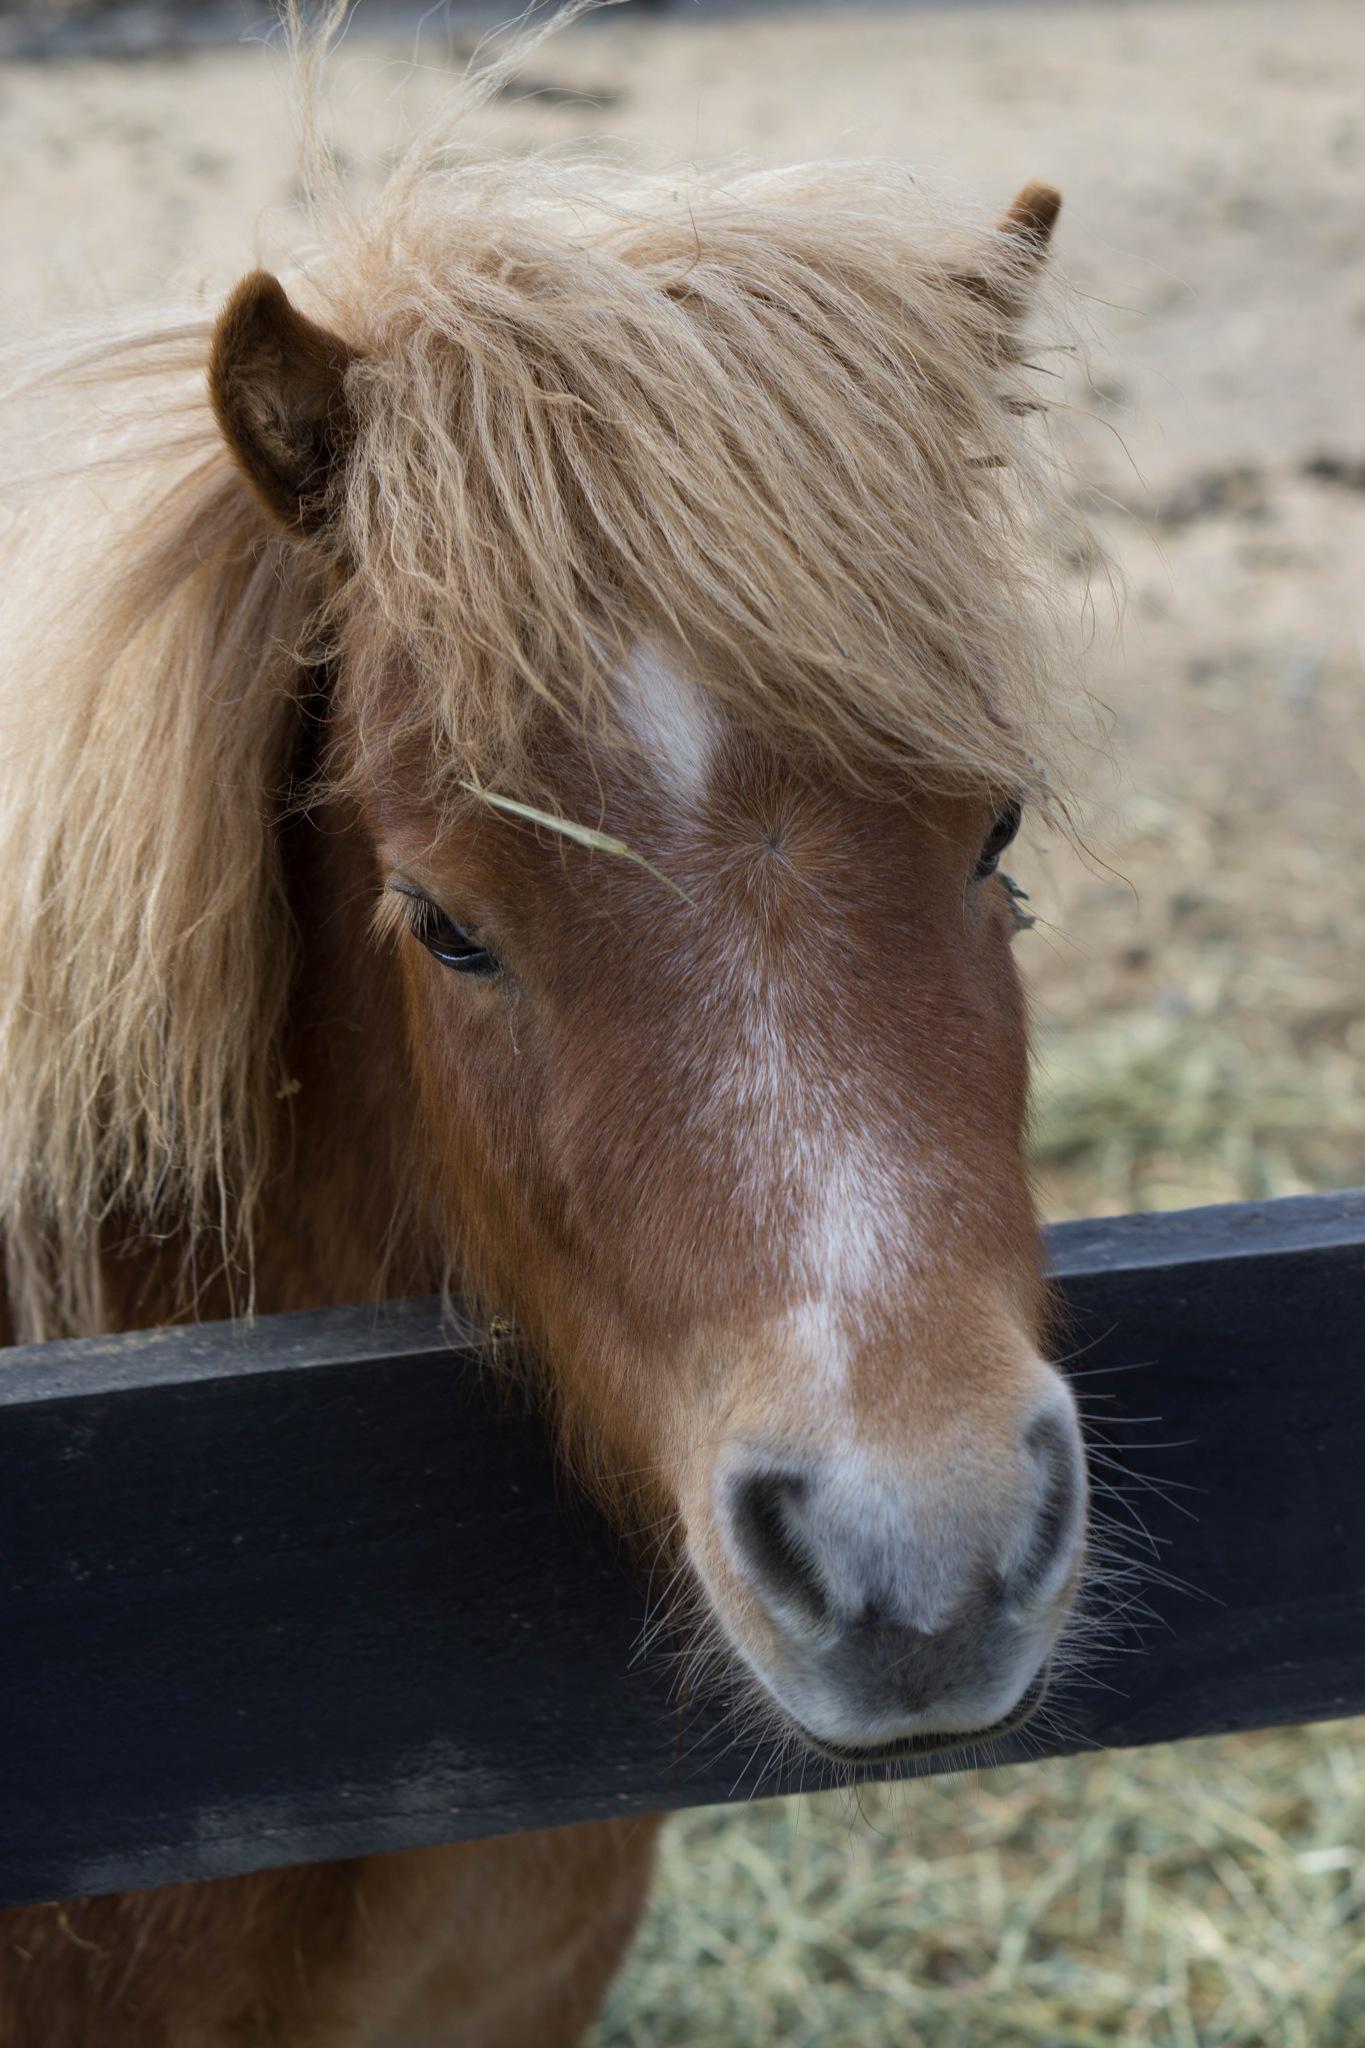 Pony by Stephanie Paige